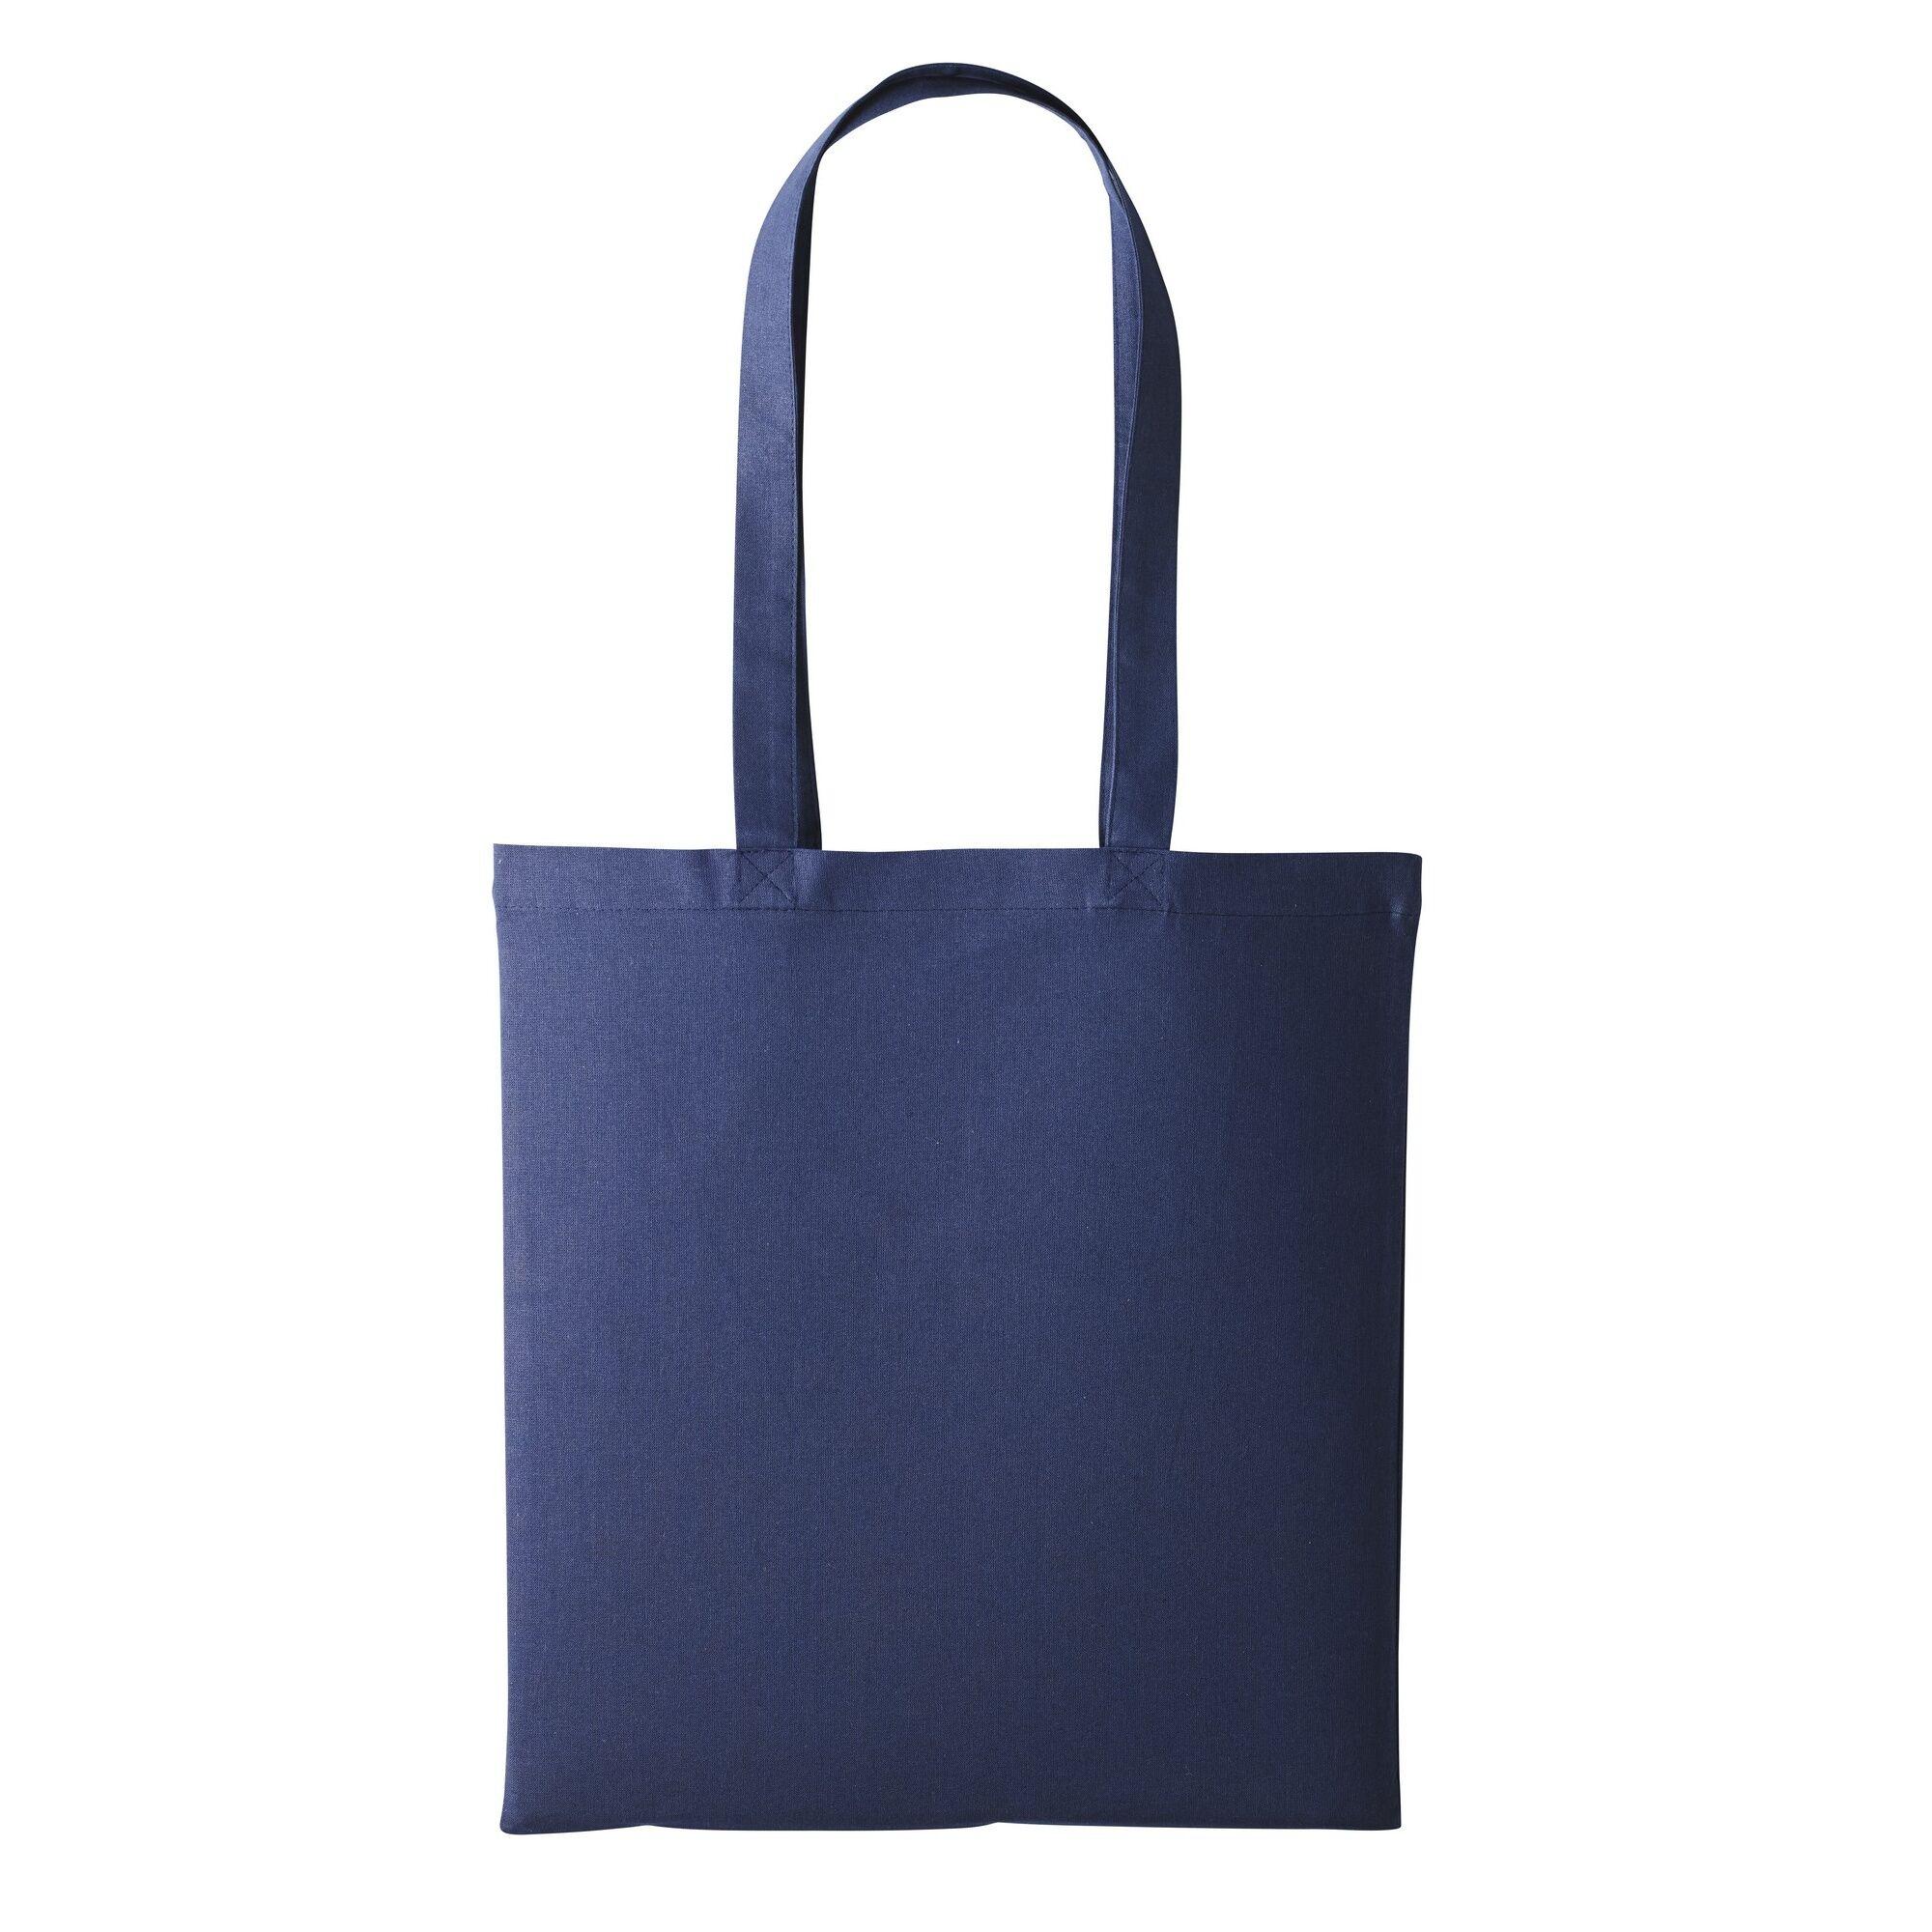 Sac De Coures (Lot De 2) (Bleu marine) - UTRW6989